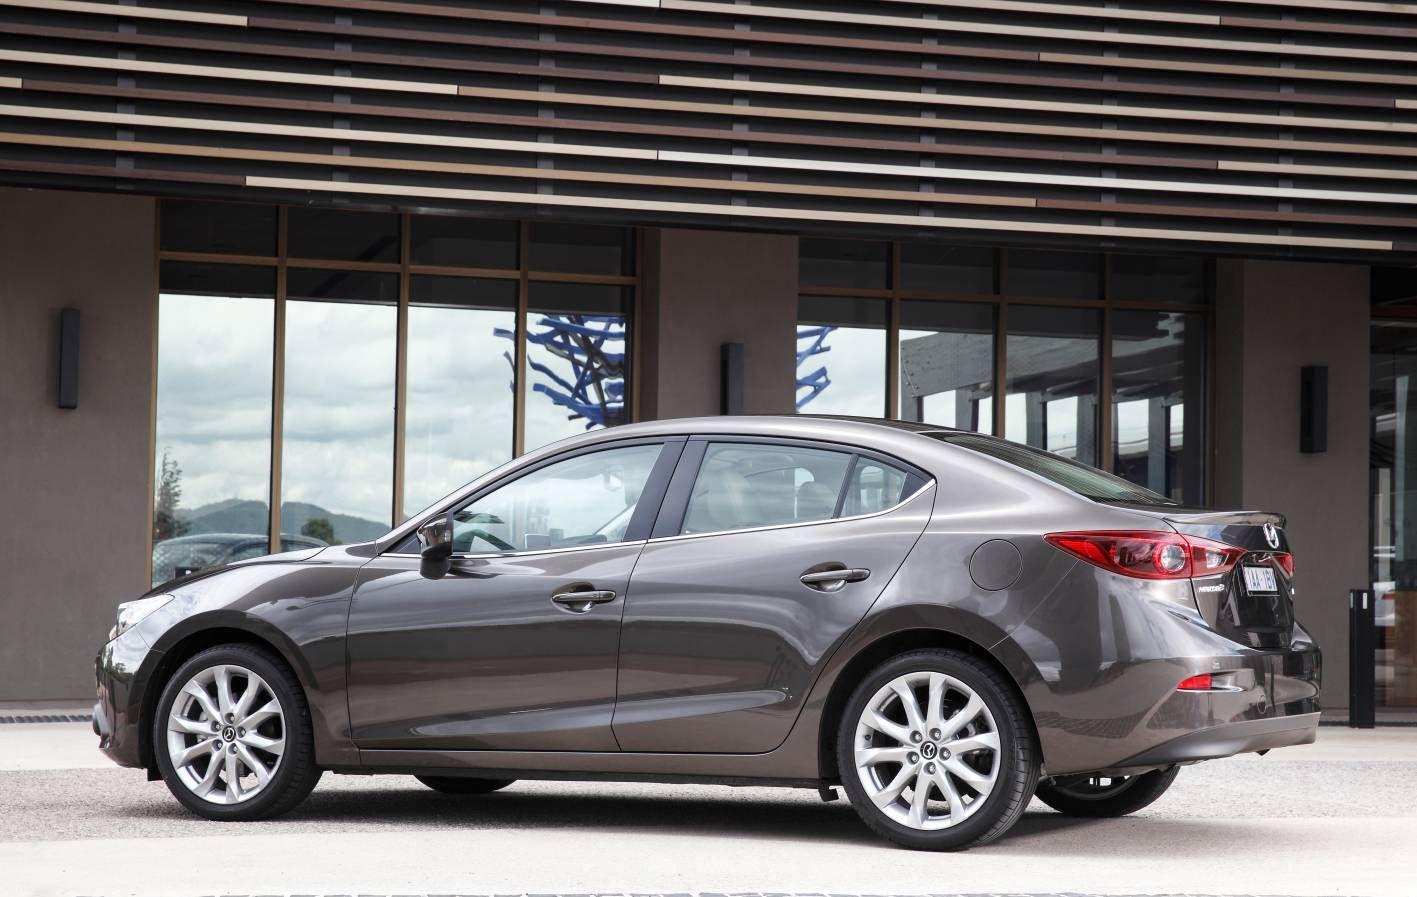 new car releases in australia 20142016 Mazda Axela  2014 Mazda3 Sale In Australia From 20 490